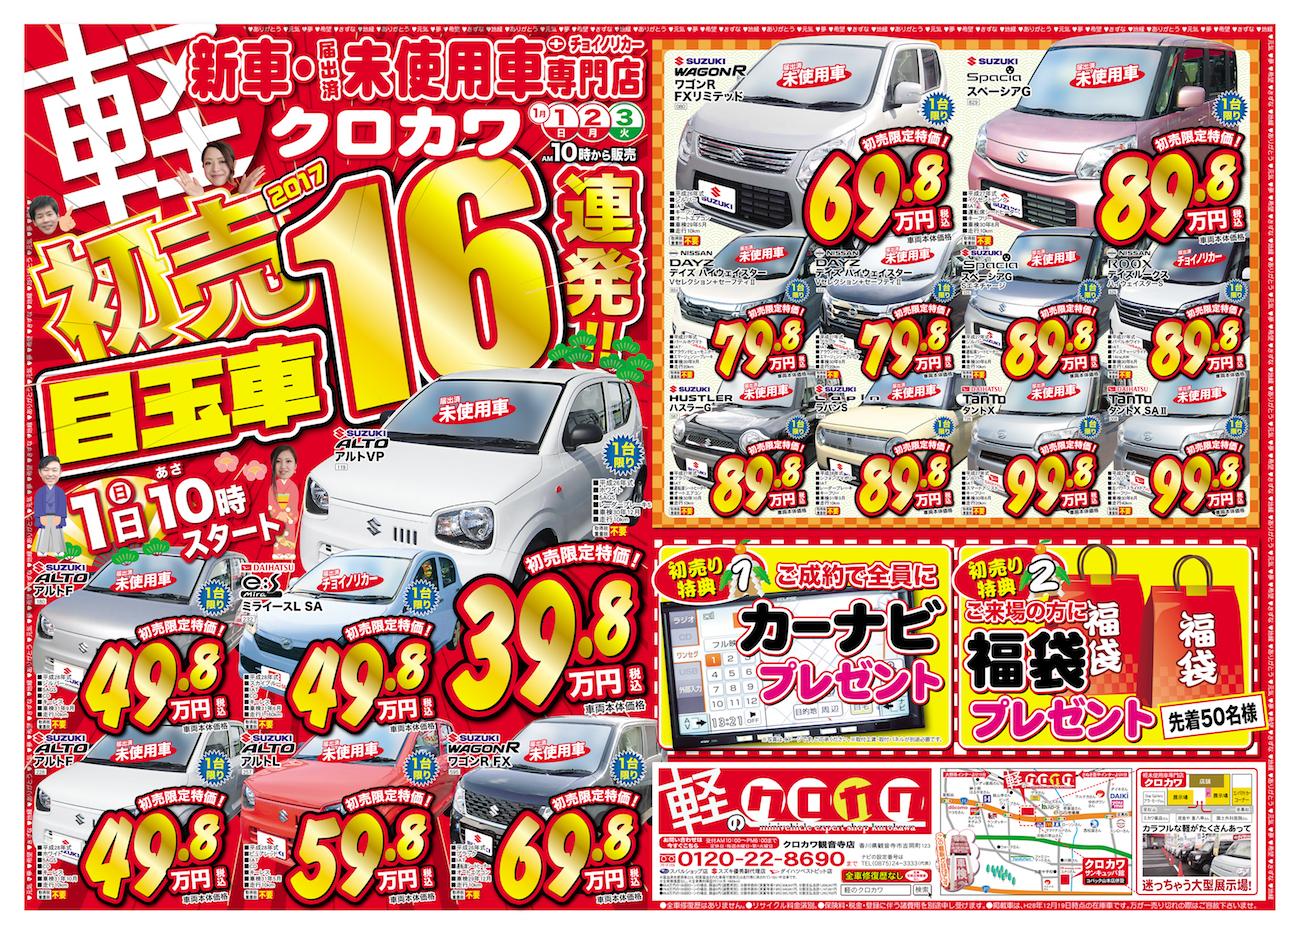 【2017初売】目玉車16連発!福袋など豪華特典多数!